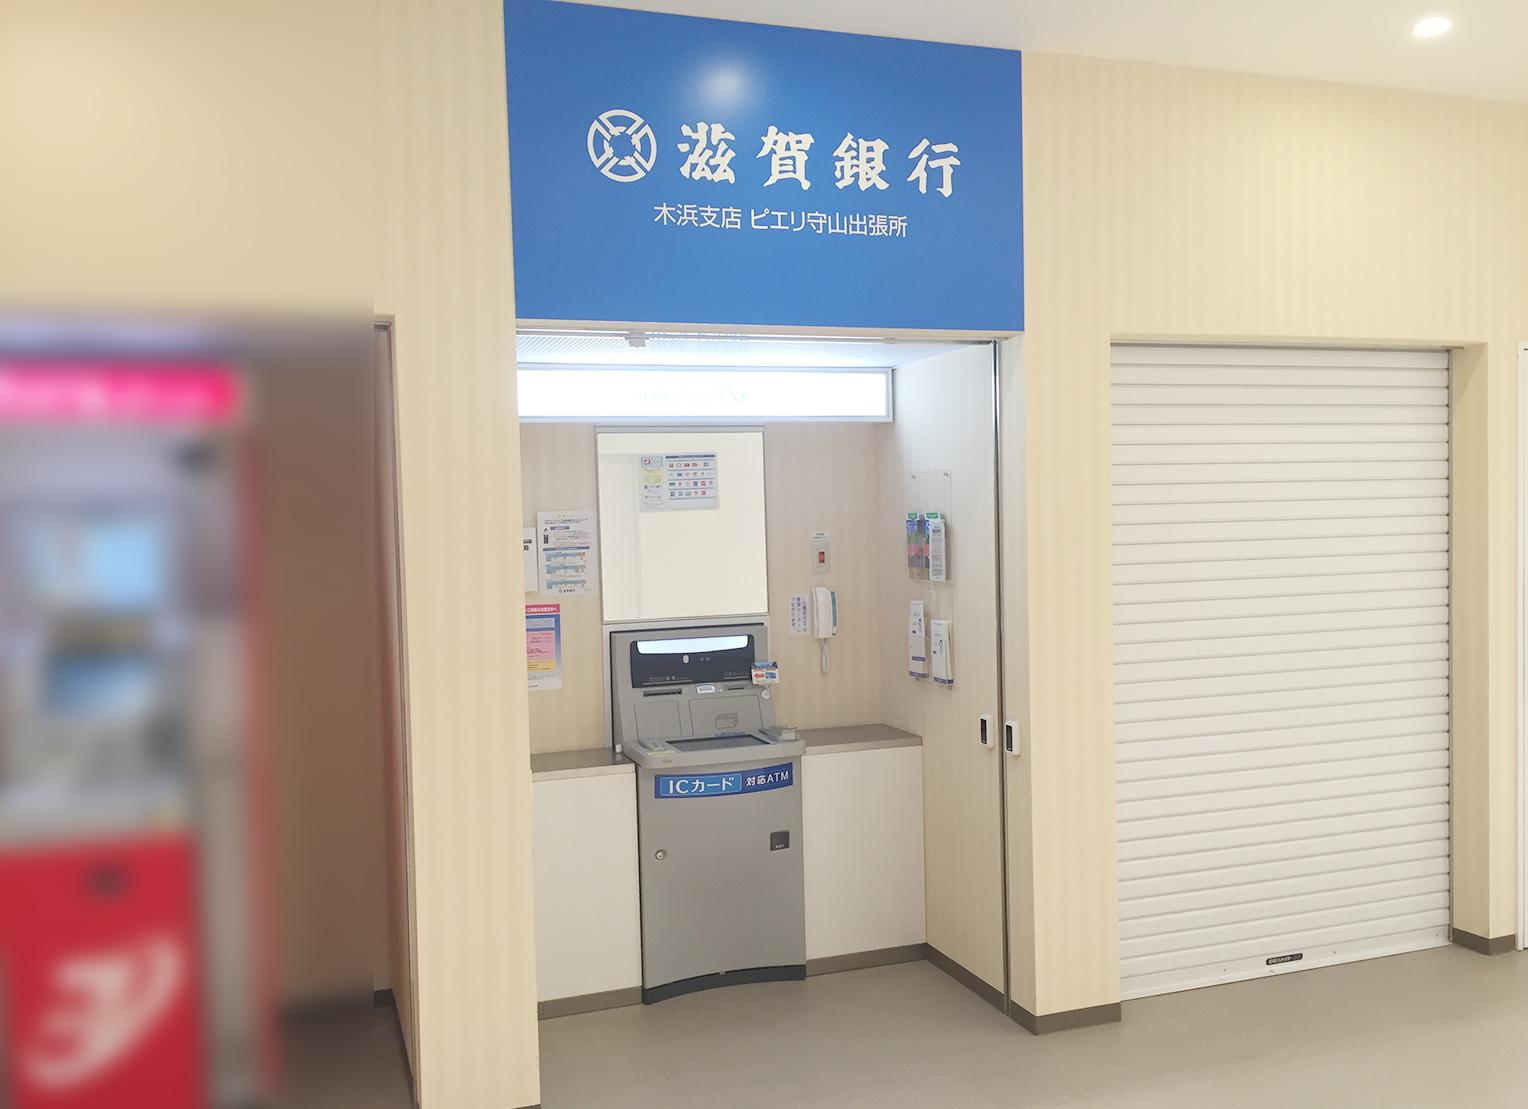 滋賀 銀行 atm 店舗・ATM検索 滋賀銀行